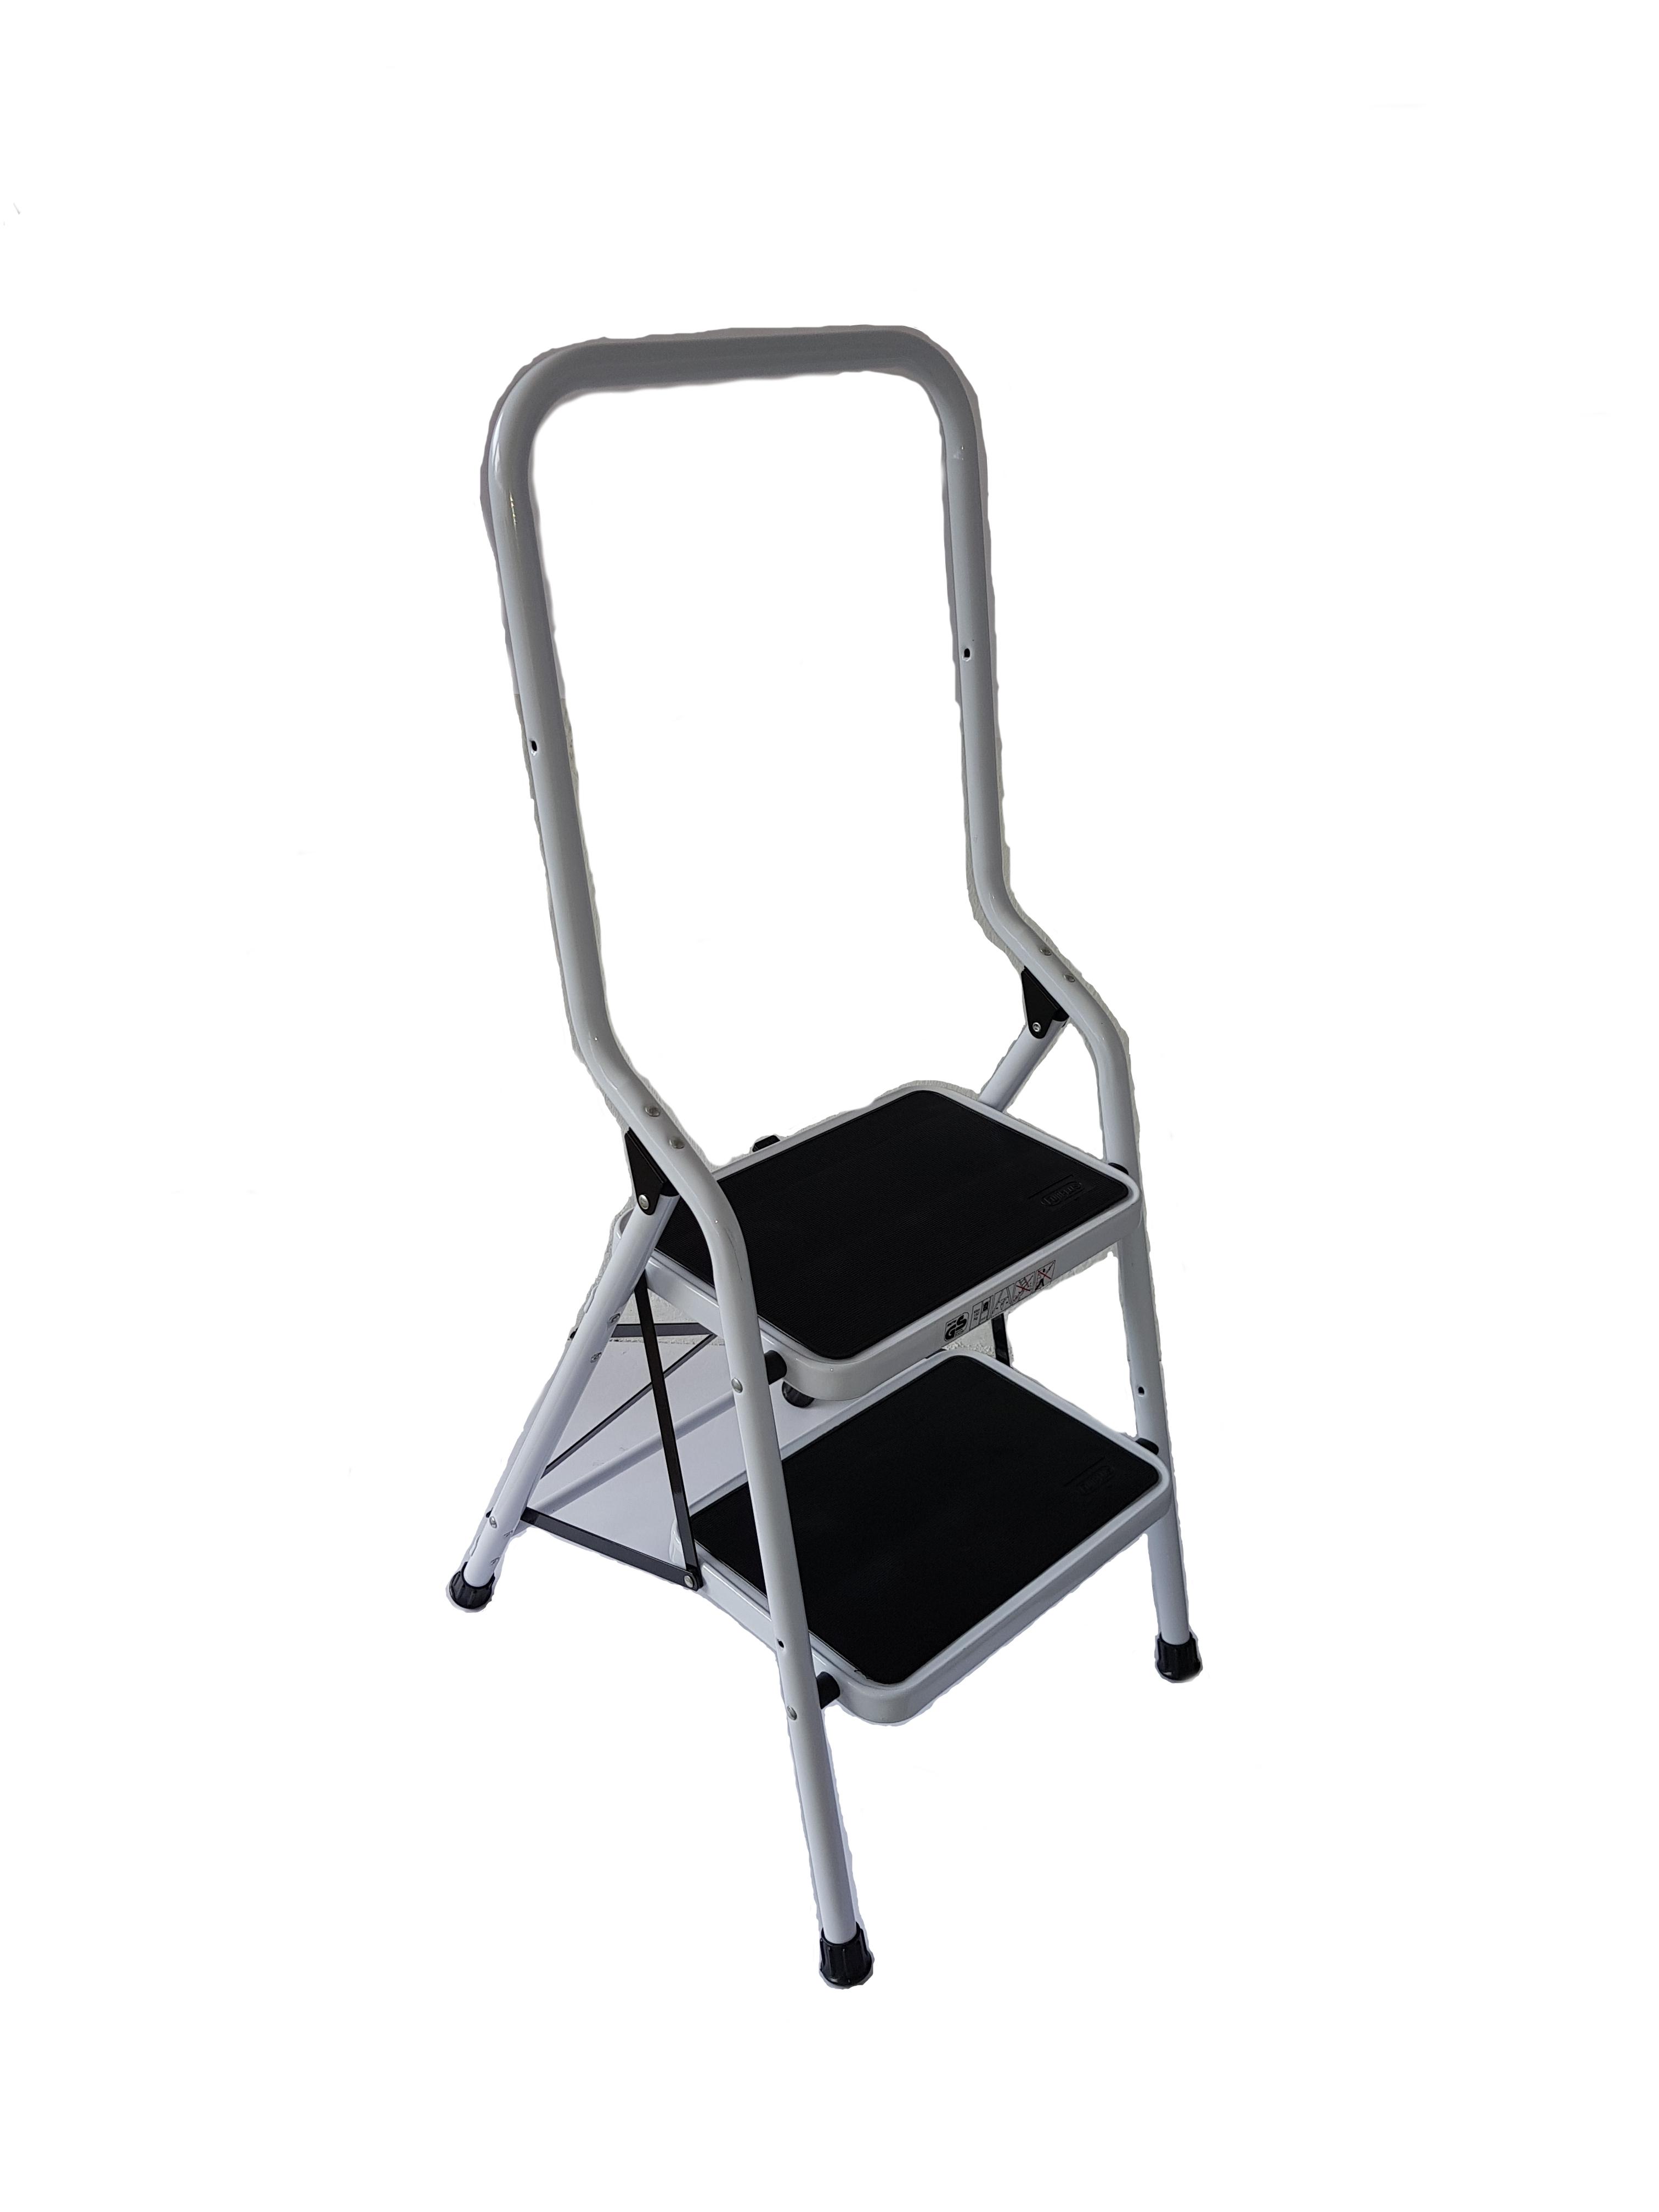 Fujiplus 2 Steps High Handle Safety Ladder L622 Ls